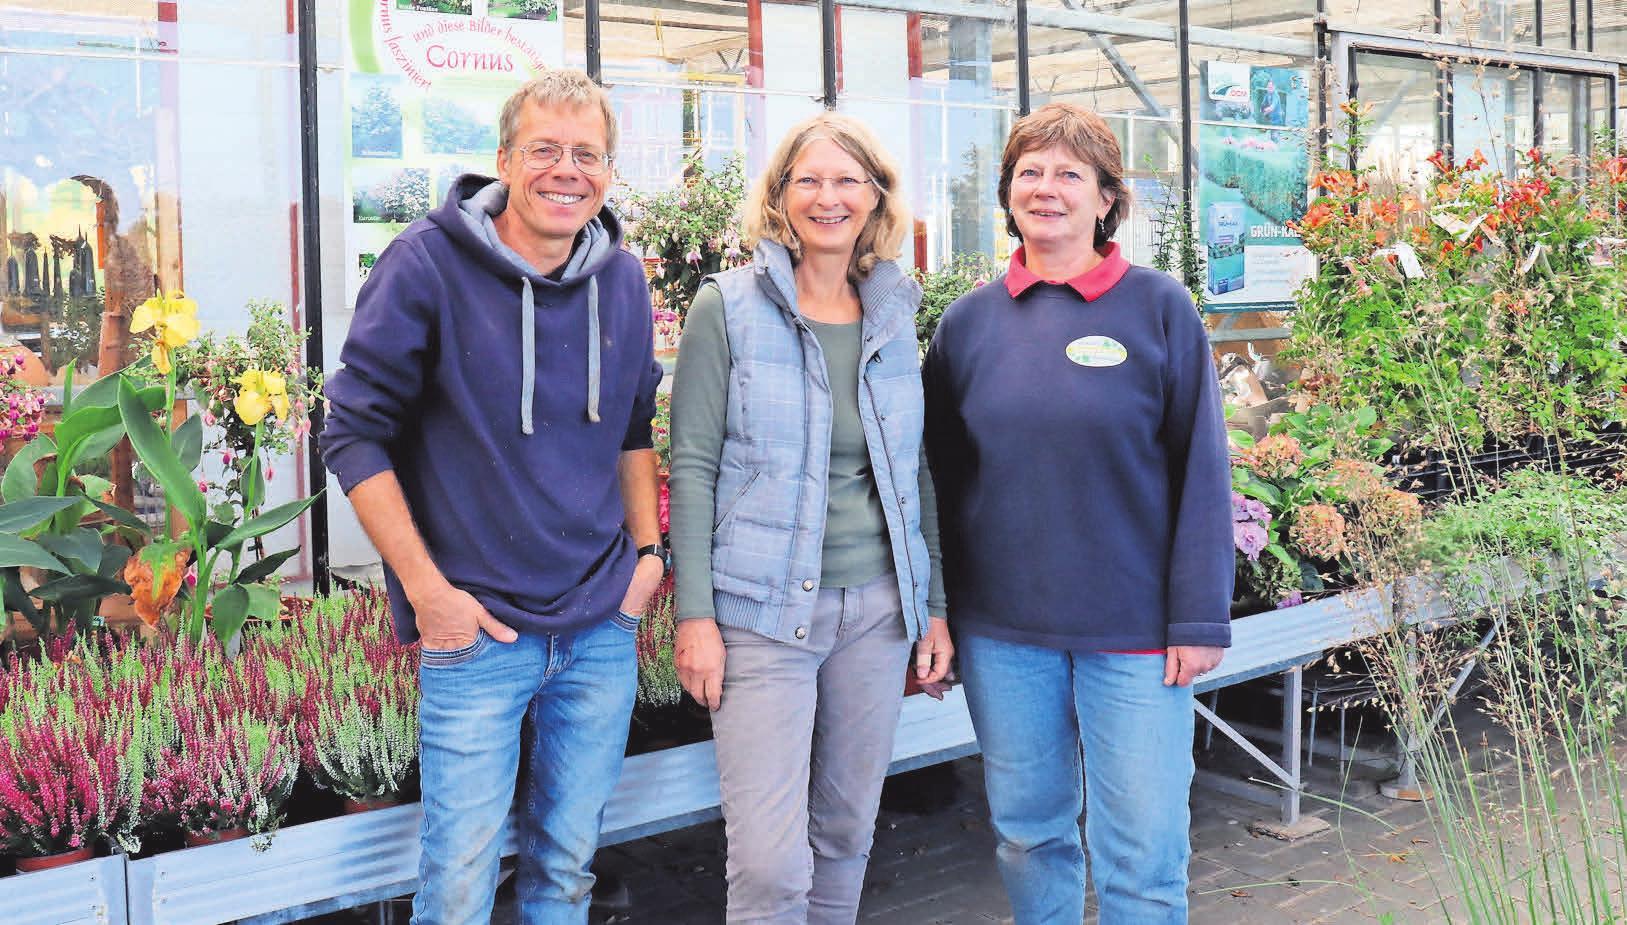 Der Erfolg der Gärtnerei und Baumschule Ertingshausen gründet auf fundierter Fachberatung, die nicht beim Kauf endet, und dem Mix aus traditionellen und modernen Pflanzenangeboten.